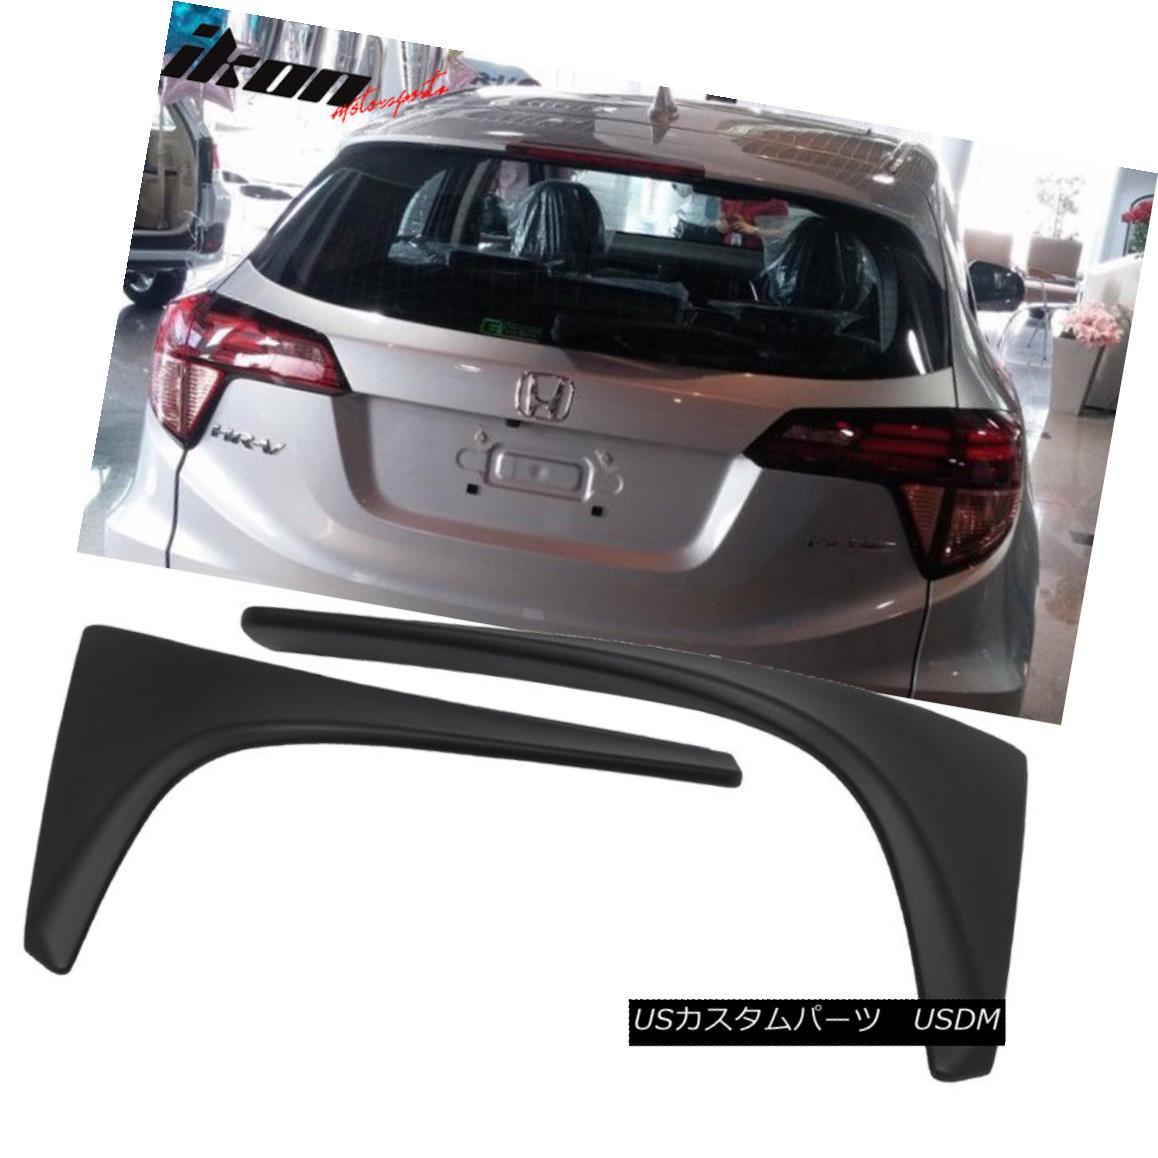 エアロパーツ Fits 16-18 Honda HRV HR-V OE Factory MUGEN STY ABS Rear Add-on Roof Spoiler Wing フィット16-18 Honda HRV HR-V OE工場MUGEN STY ABSリアアドオンルーフスポイラーウイング